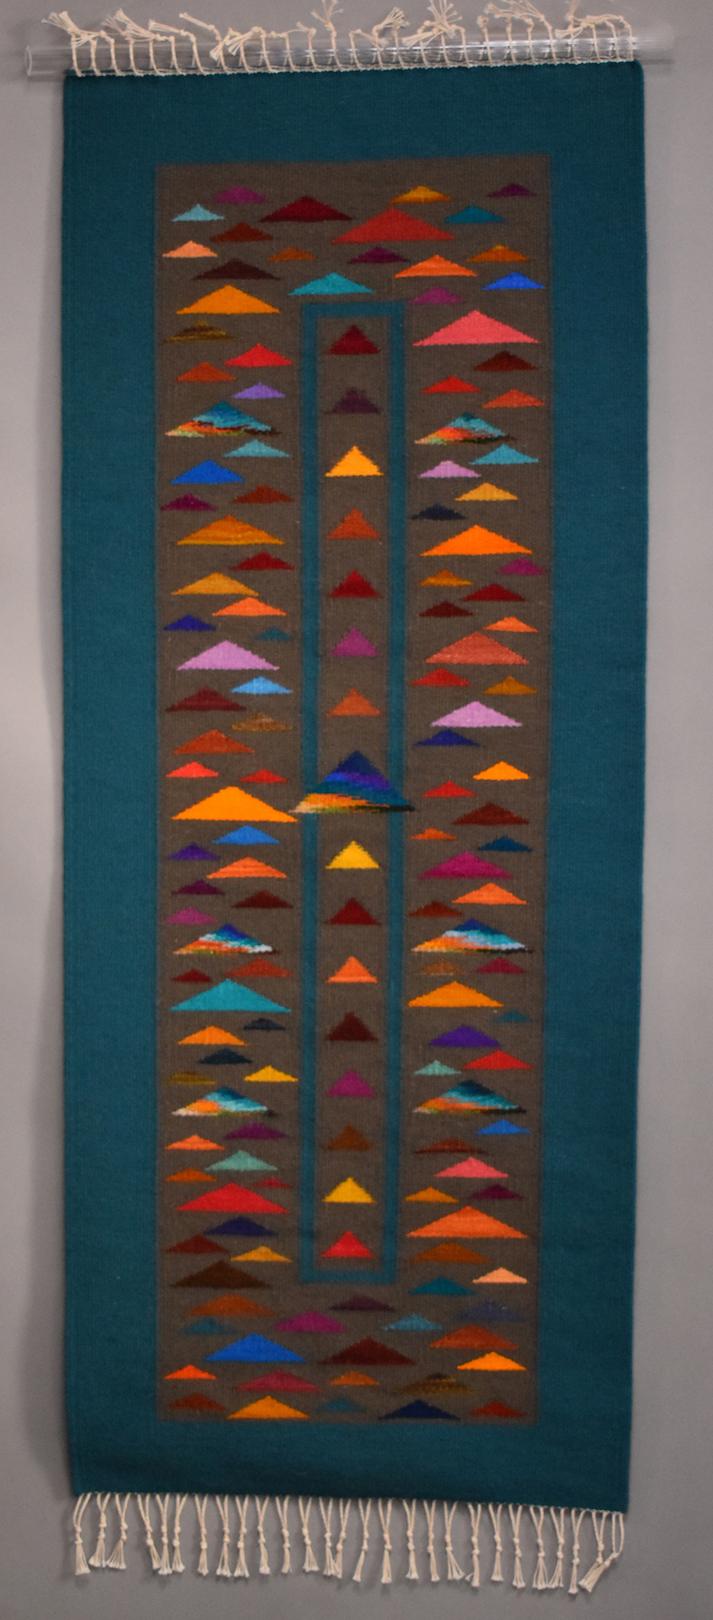 Donna Loraine Contractor: Confetti, Skinny, Red Triangle Top